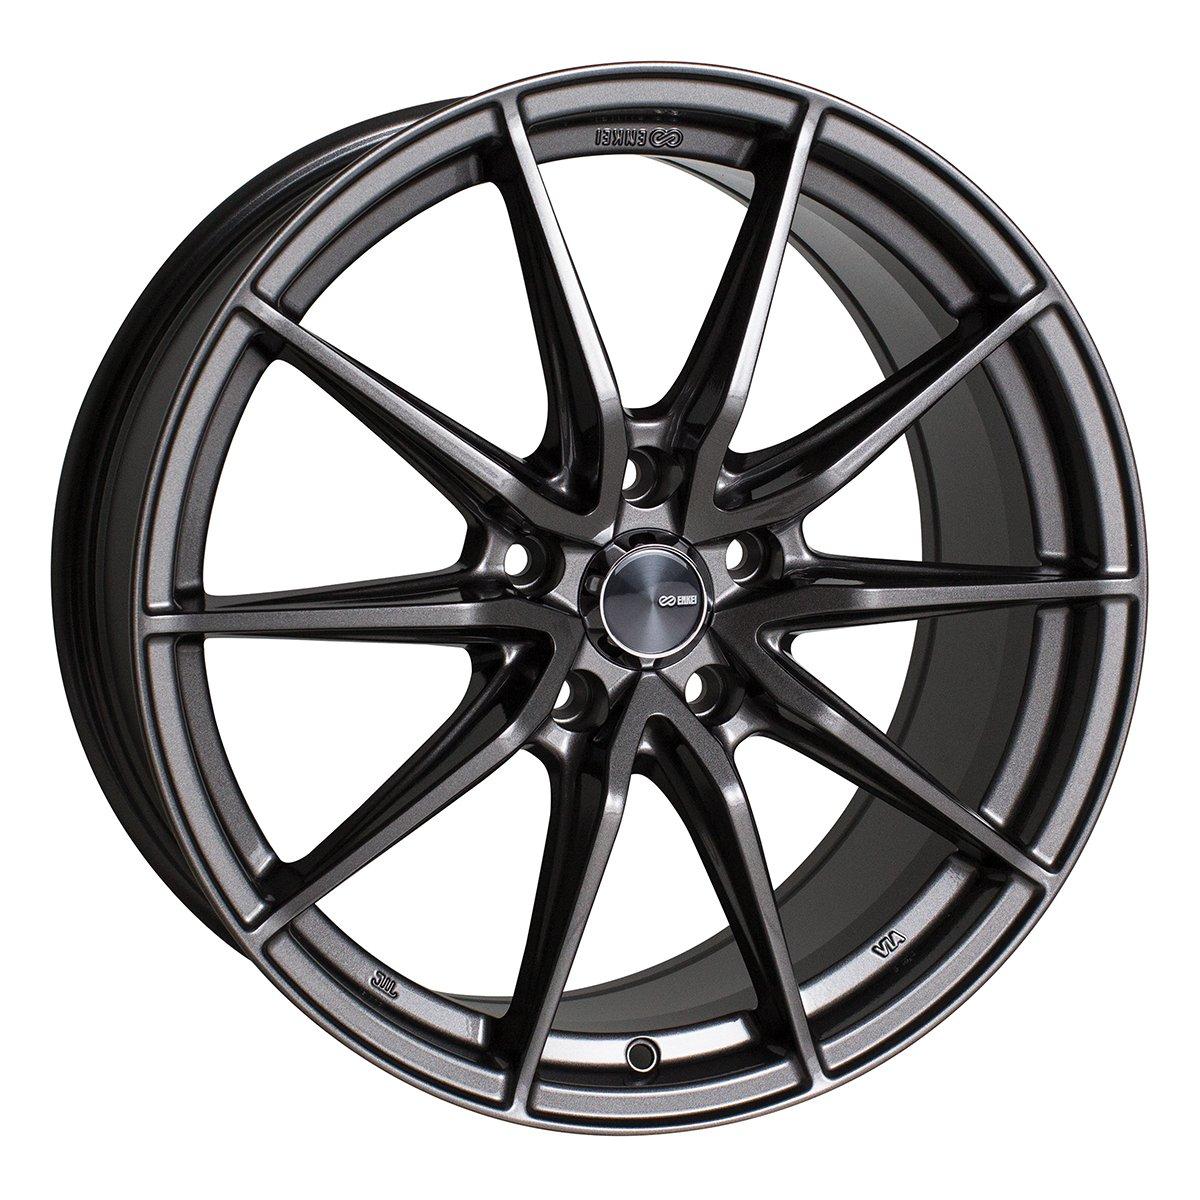 17'' Enkei DRACO Performance Wheel Anthracite 17x7.5 5x114.3 +38 509-775-6538AP